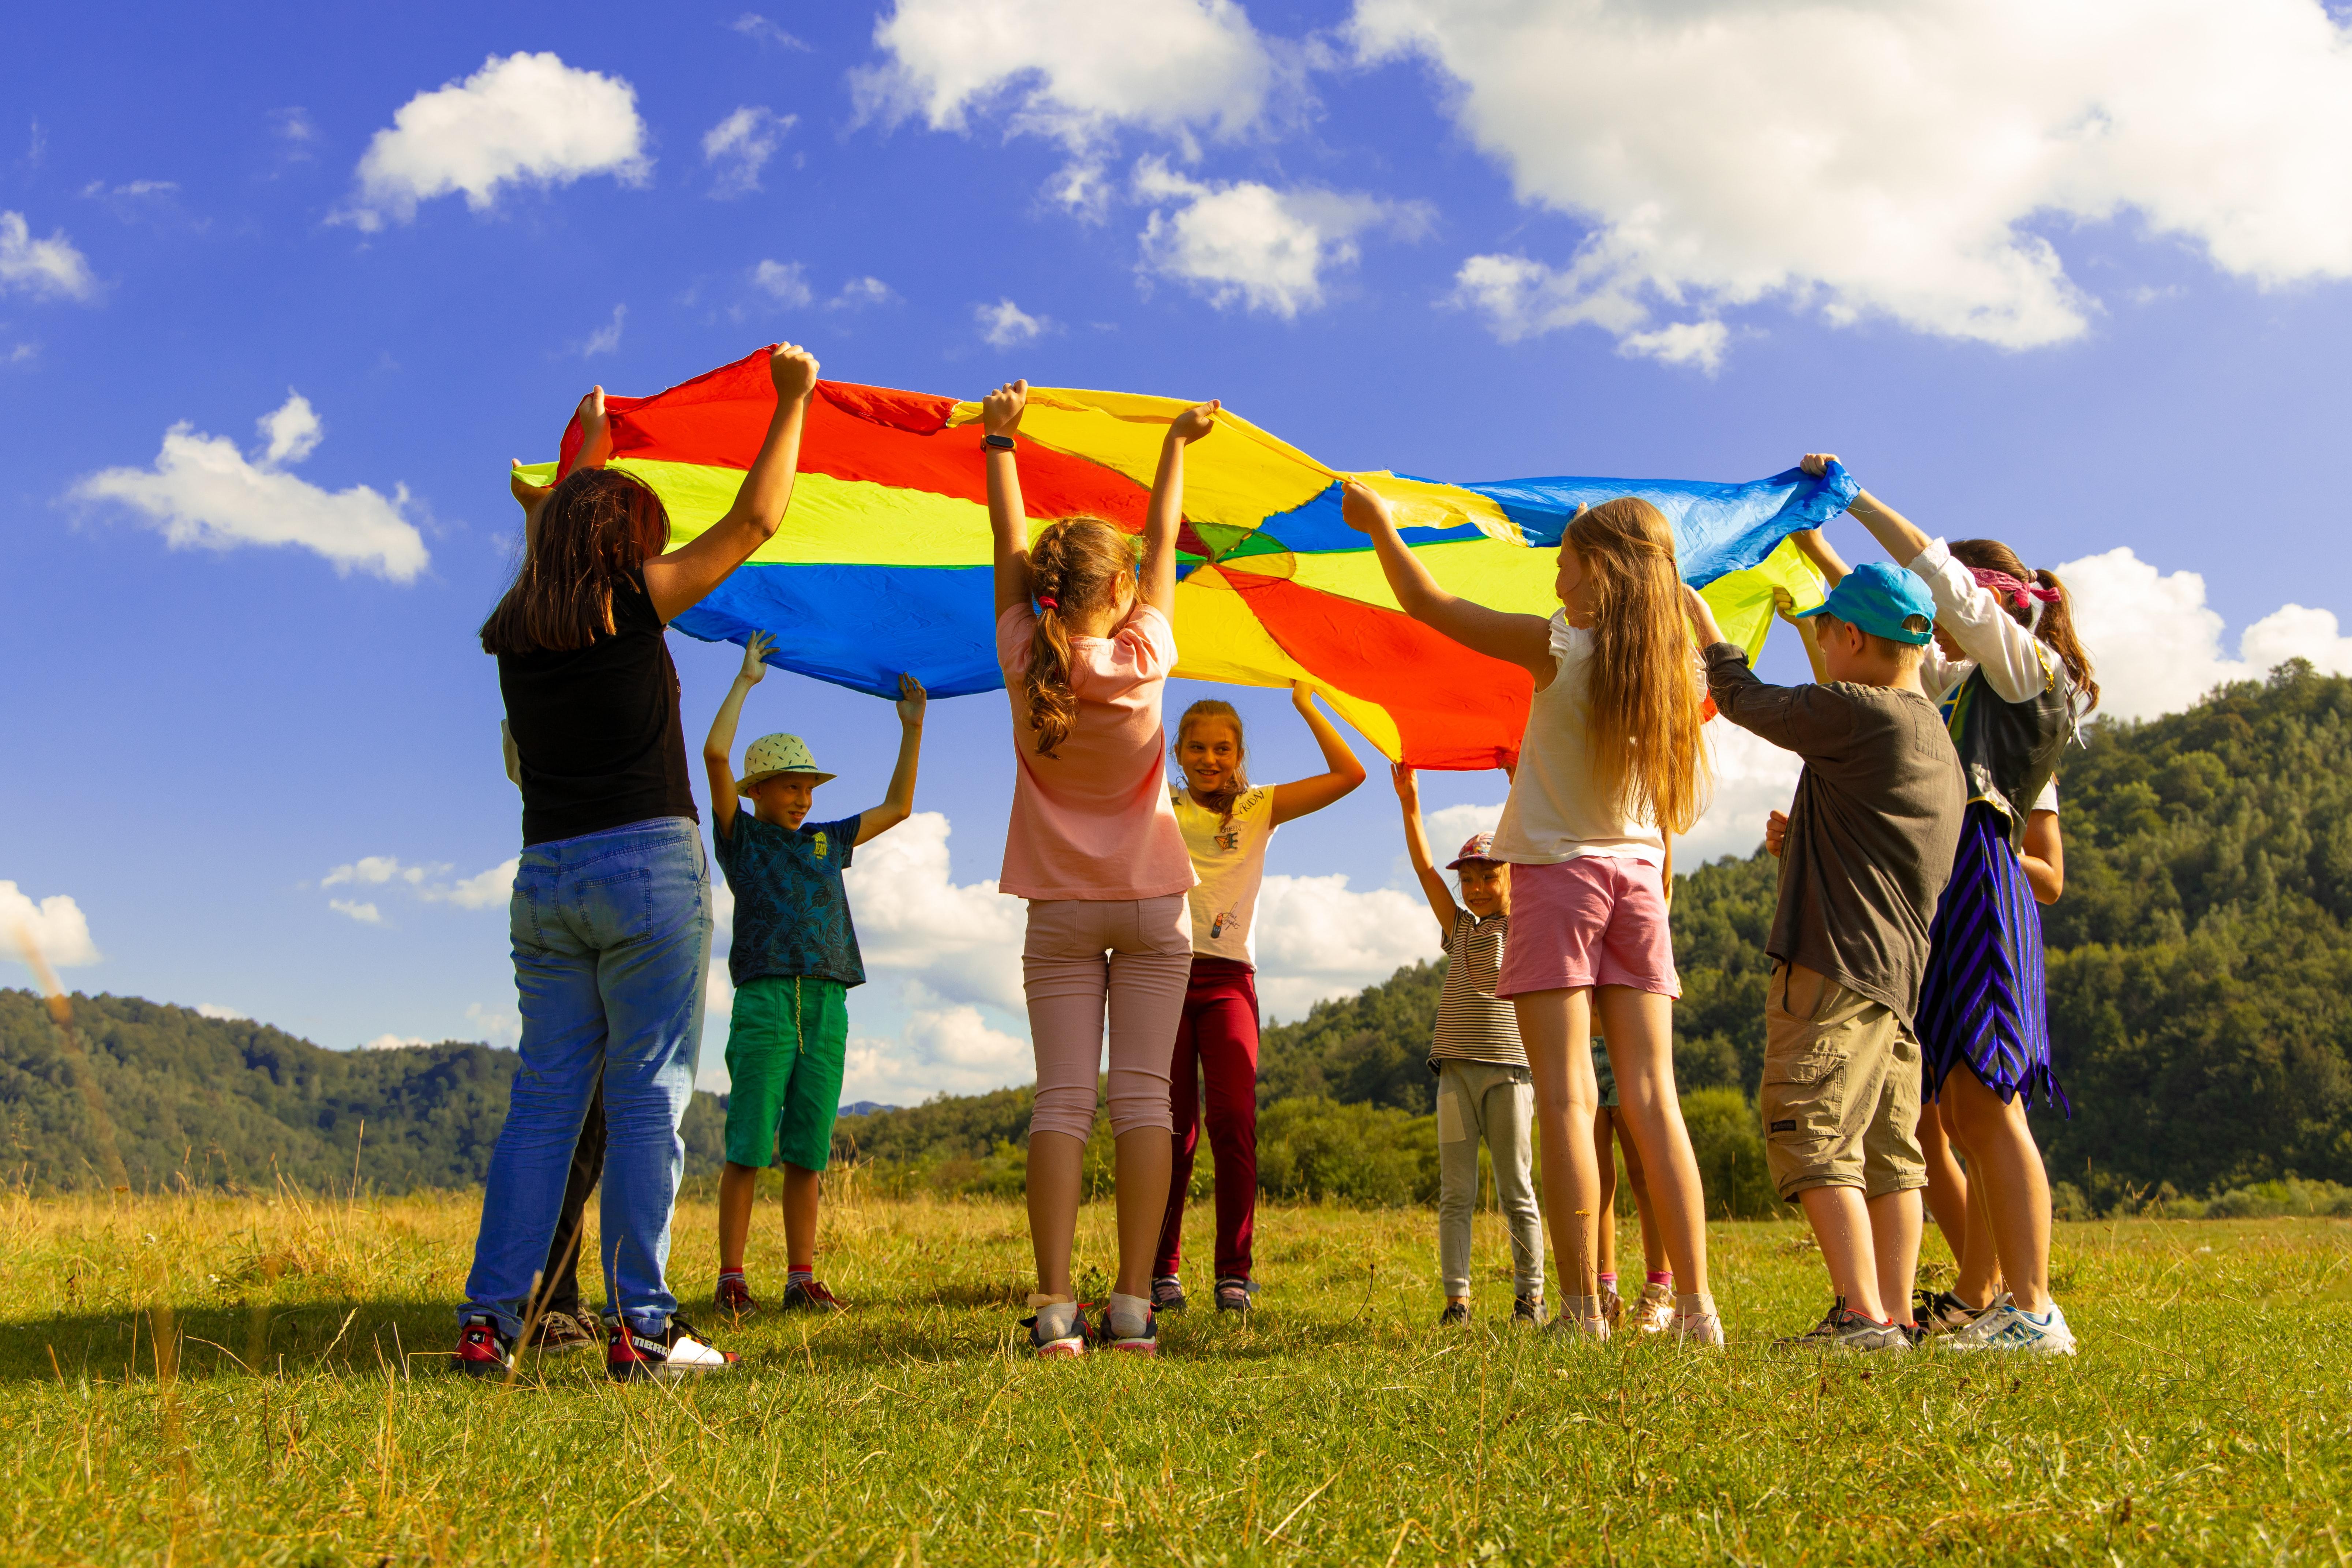 Scenariusze gier i zabaw integracyjnych – autyzm i niepełnosprawność intelektualna